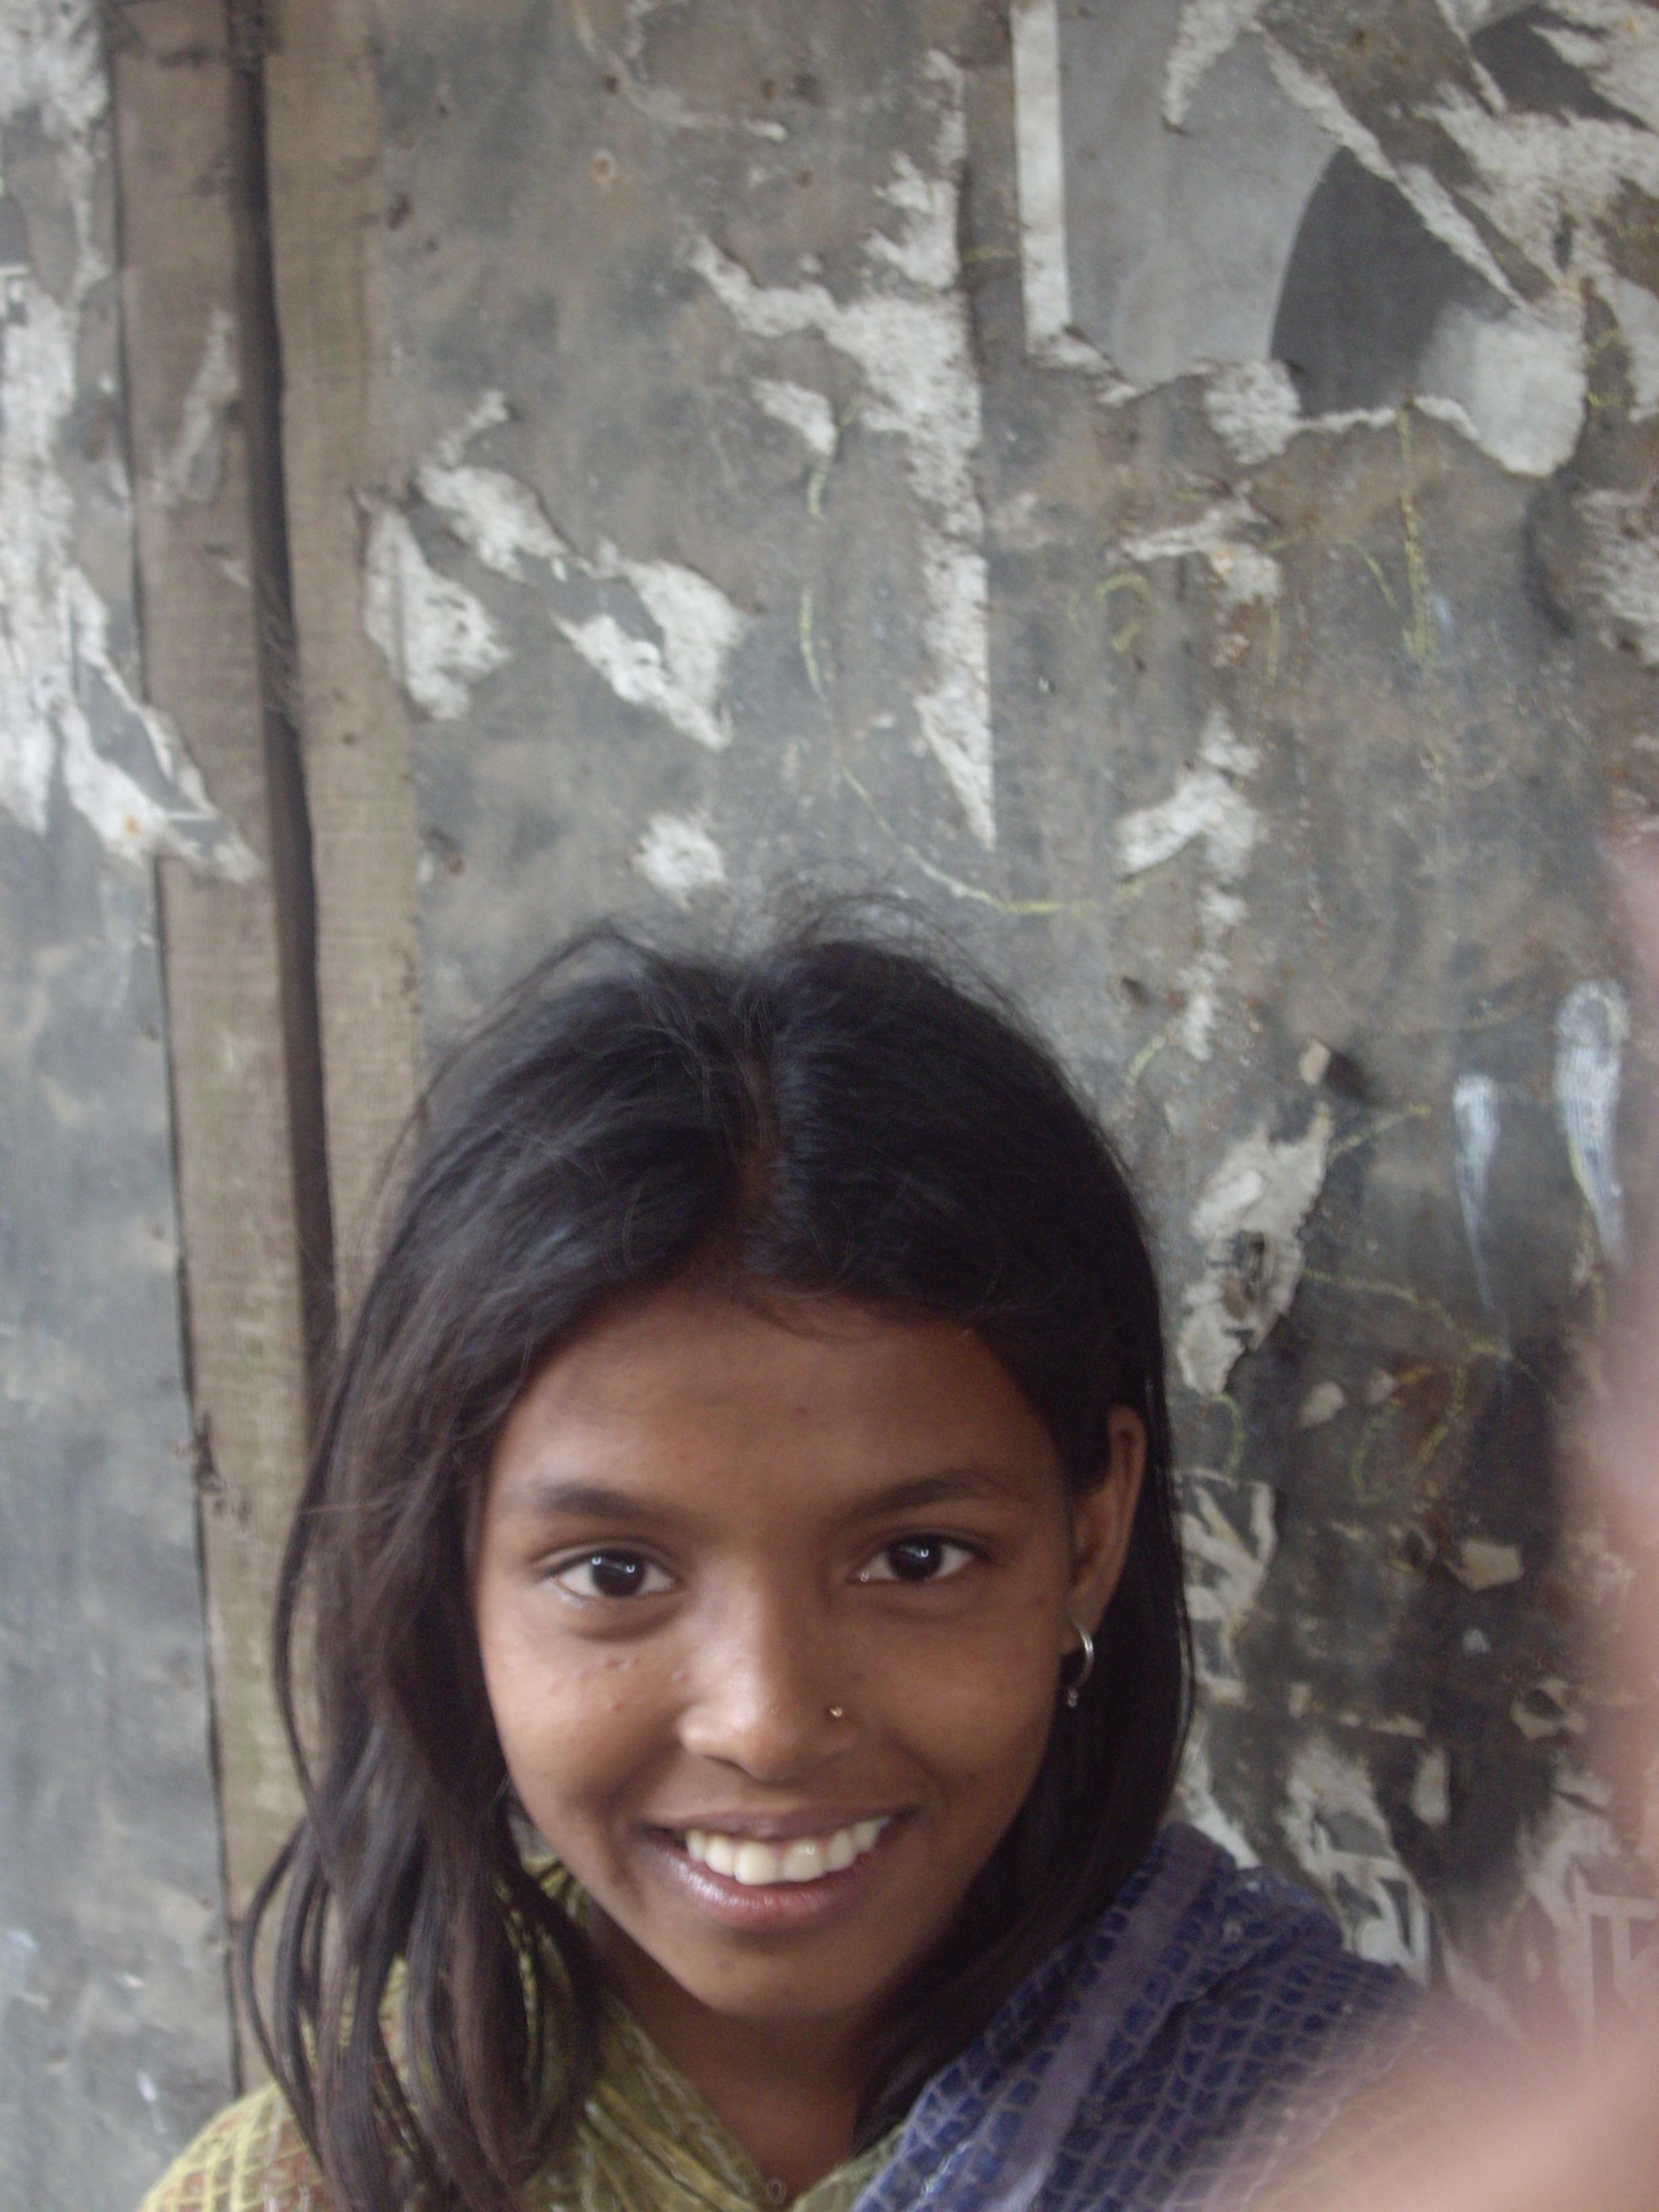 Η μικρή Βεγγαλέζα και δεξιά η παλάμη του γειτονόπουλου που... ζήλεψε!